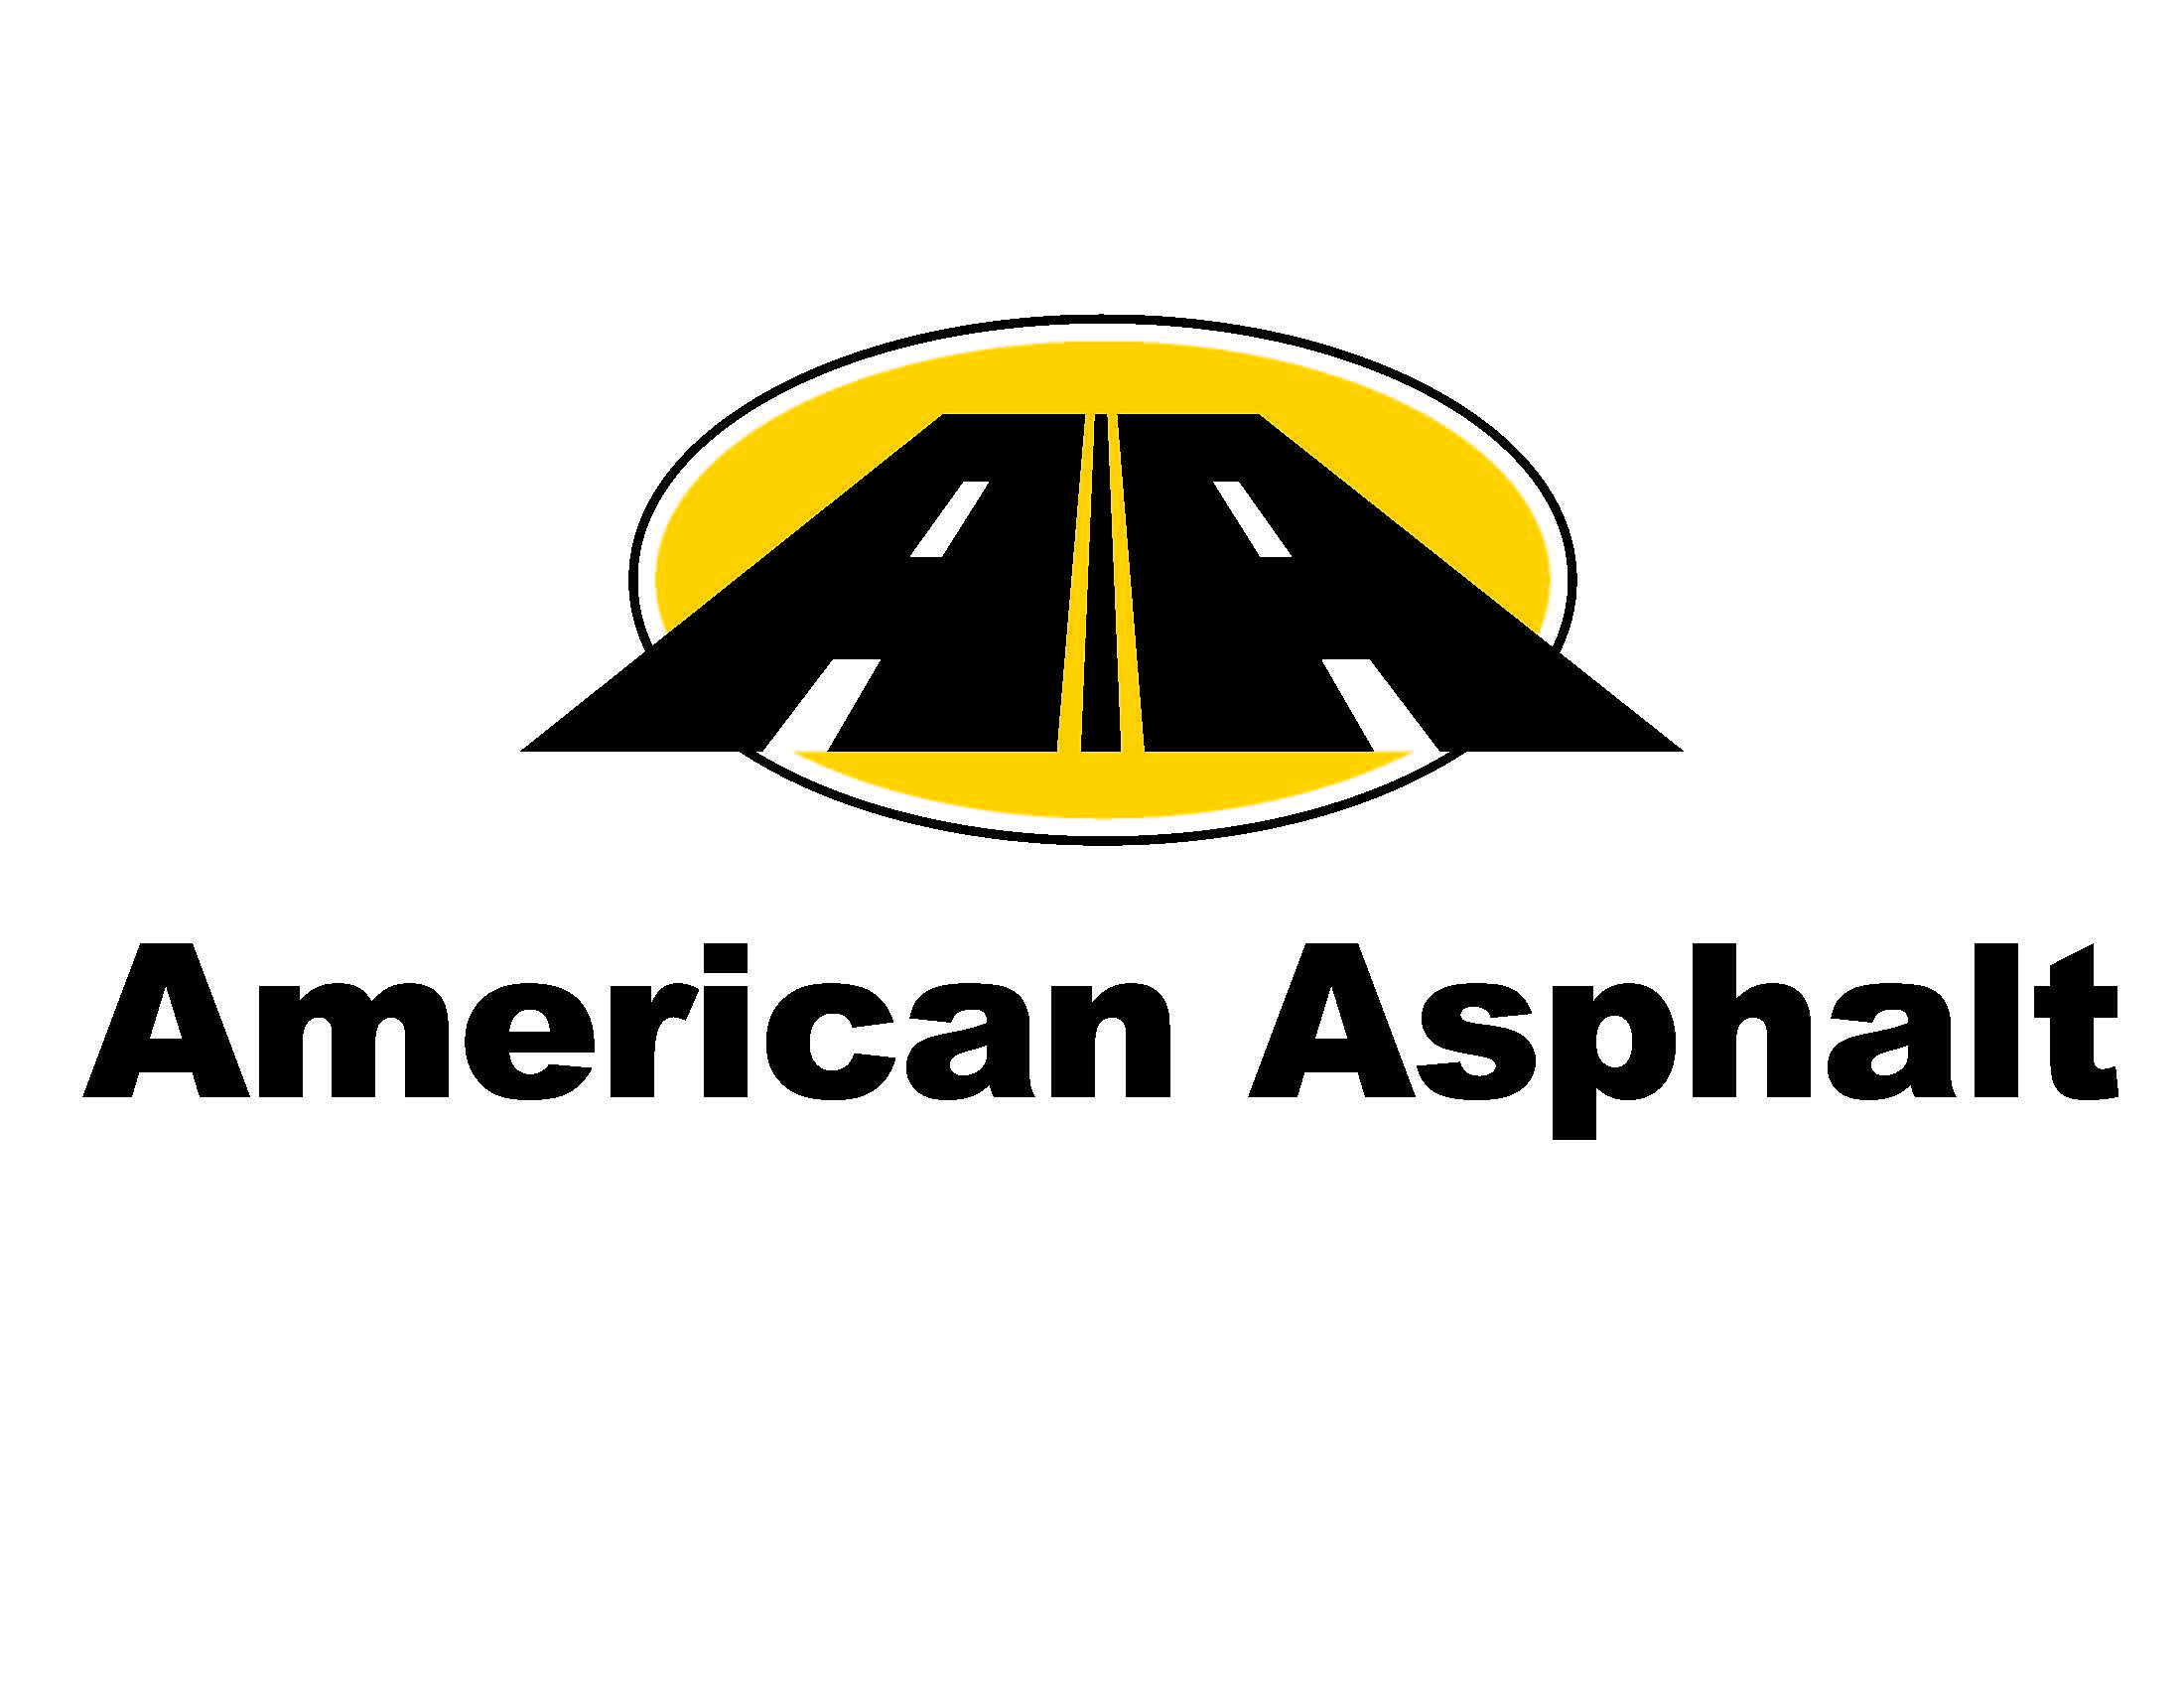 AMERICAN ASPHALT NEW 2017